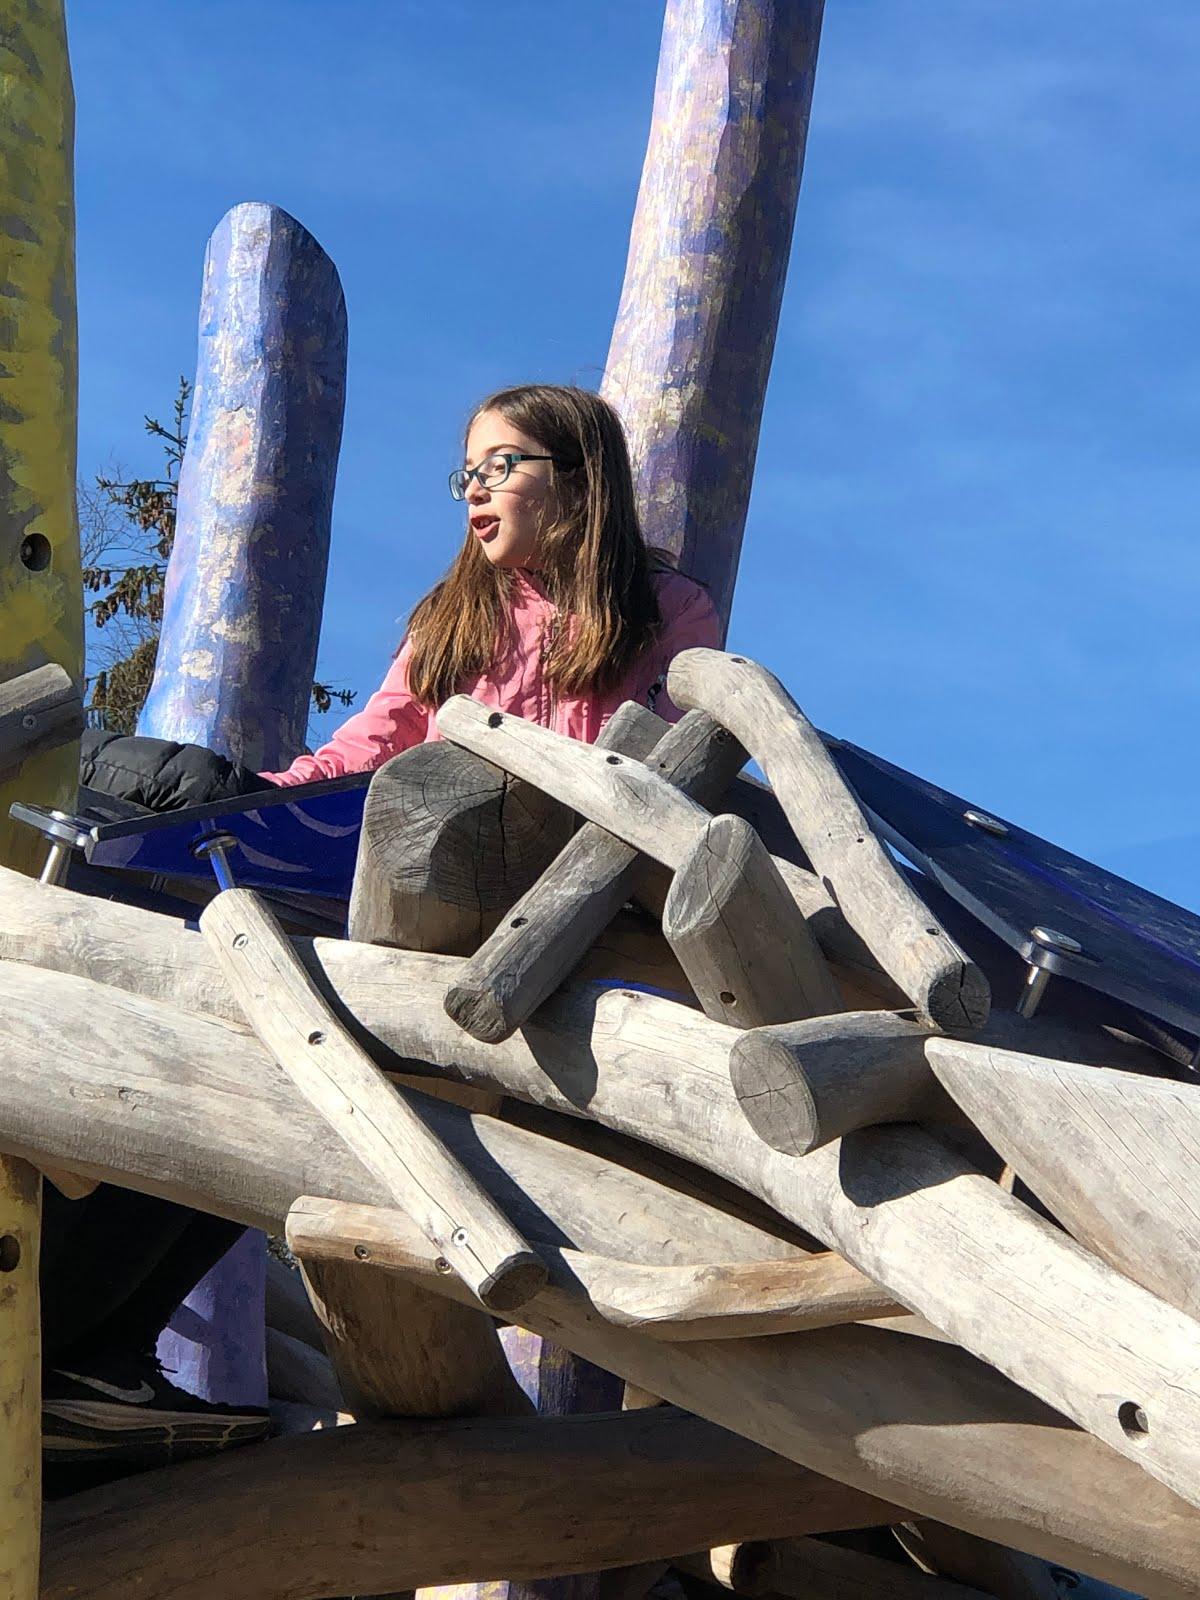 Dorothea auf dem Dietmar-Hopp-Spielplatz in Meckesheim